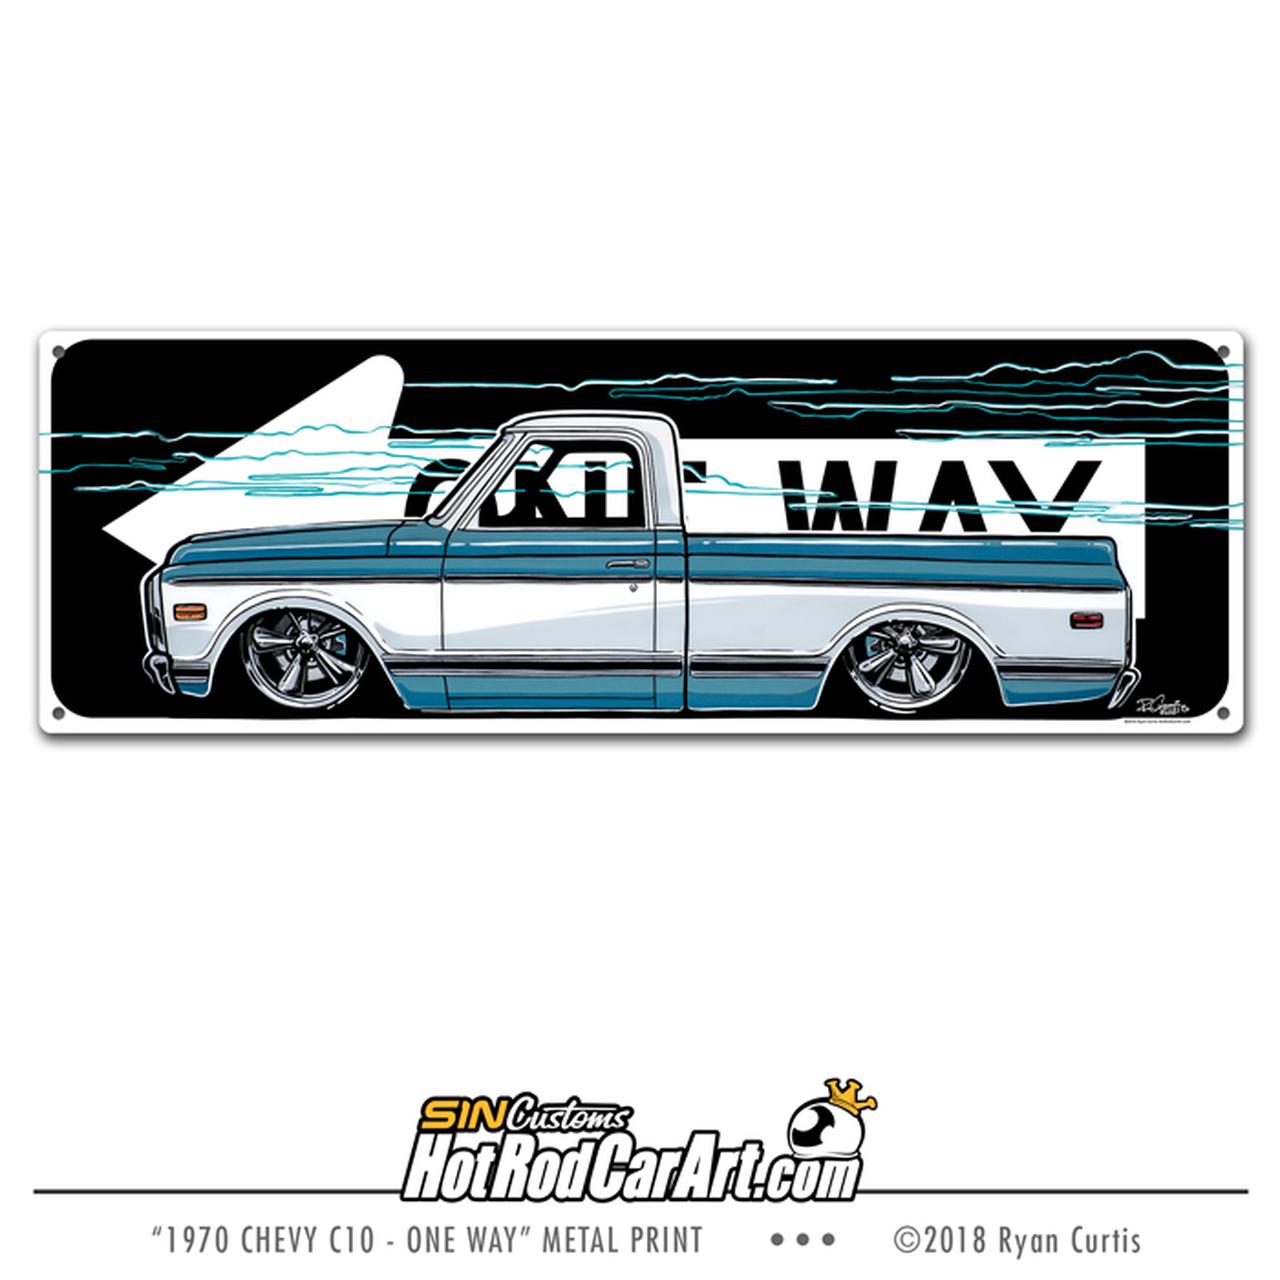 1970 Chevy C10 Pickup.